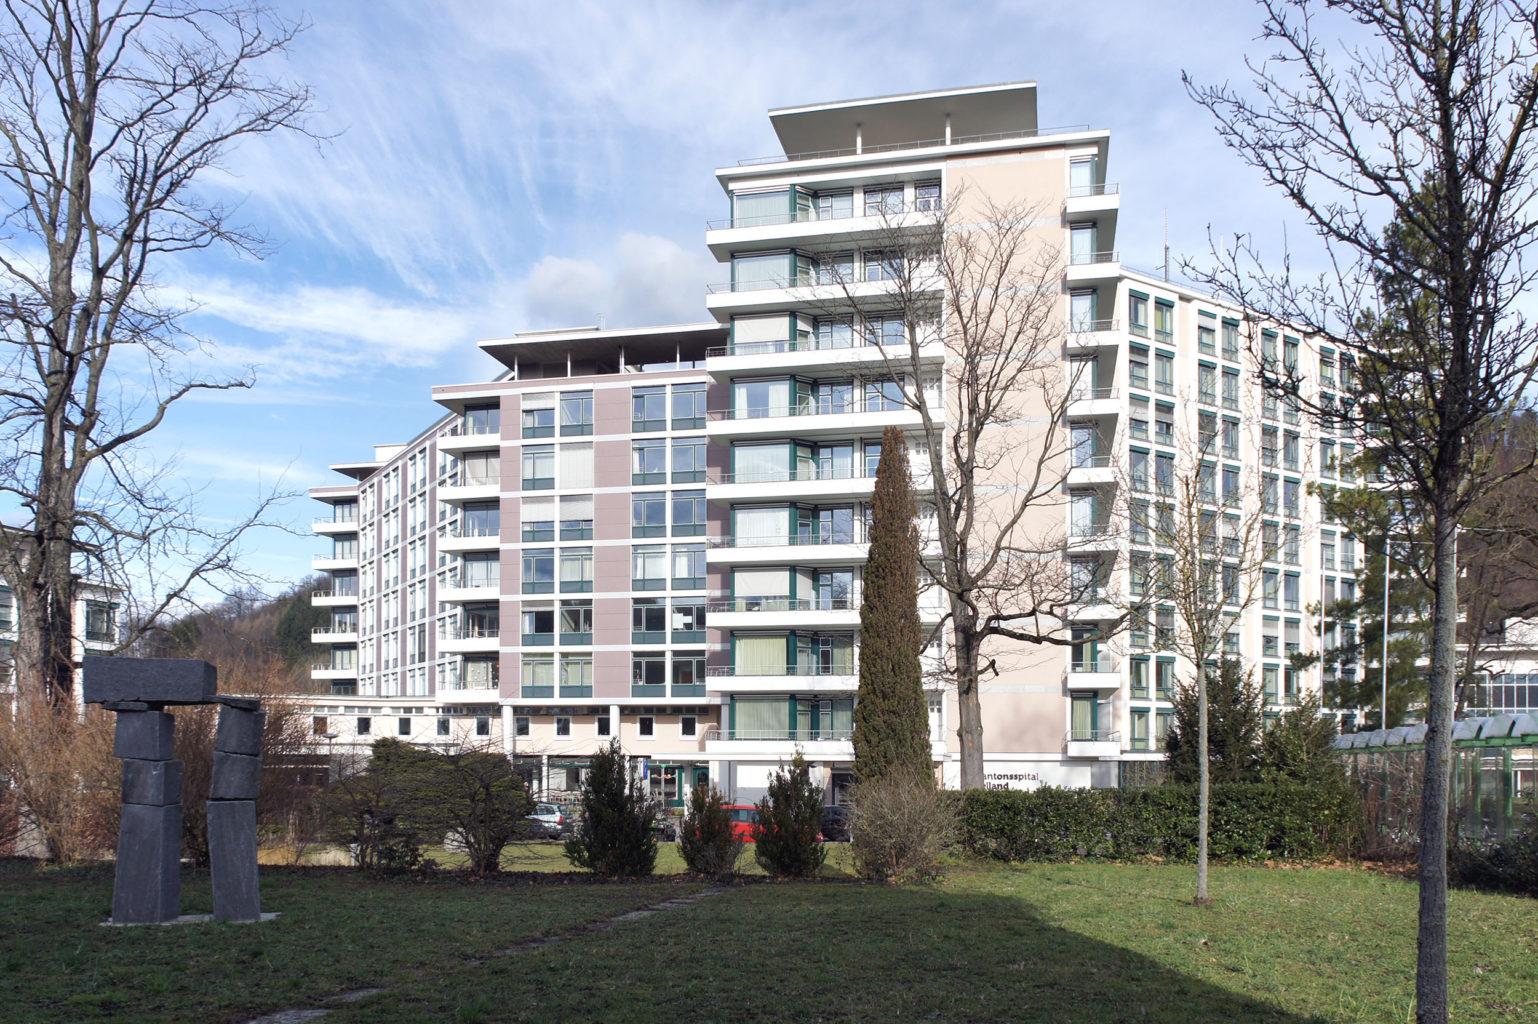 Die Erweiterung (hinten links) wirkt deutlich flächiger, Liestal, 2018 © Architektur Basel